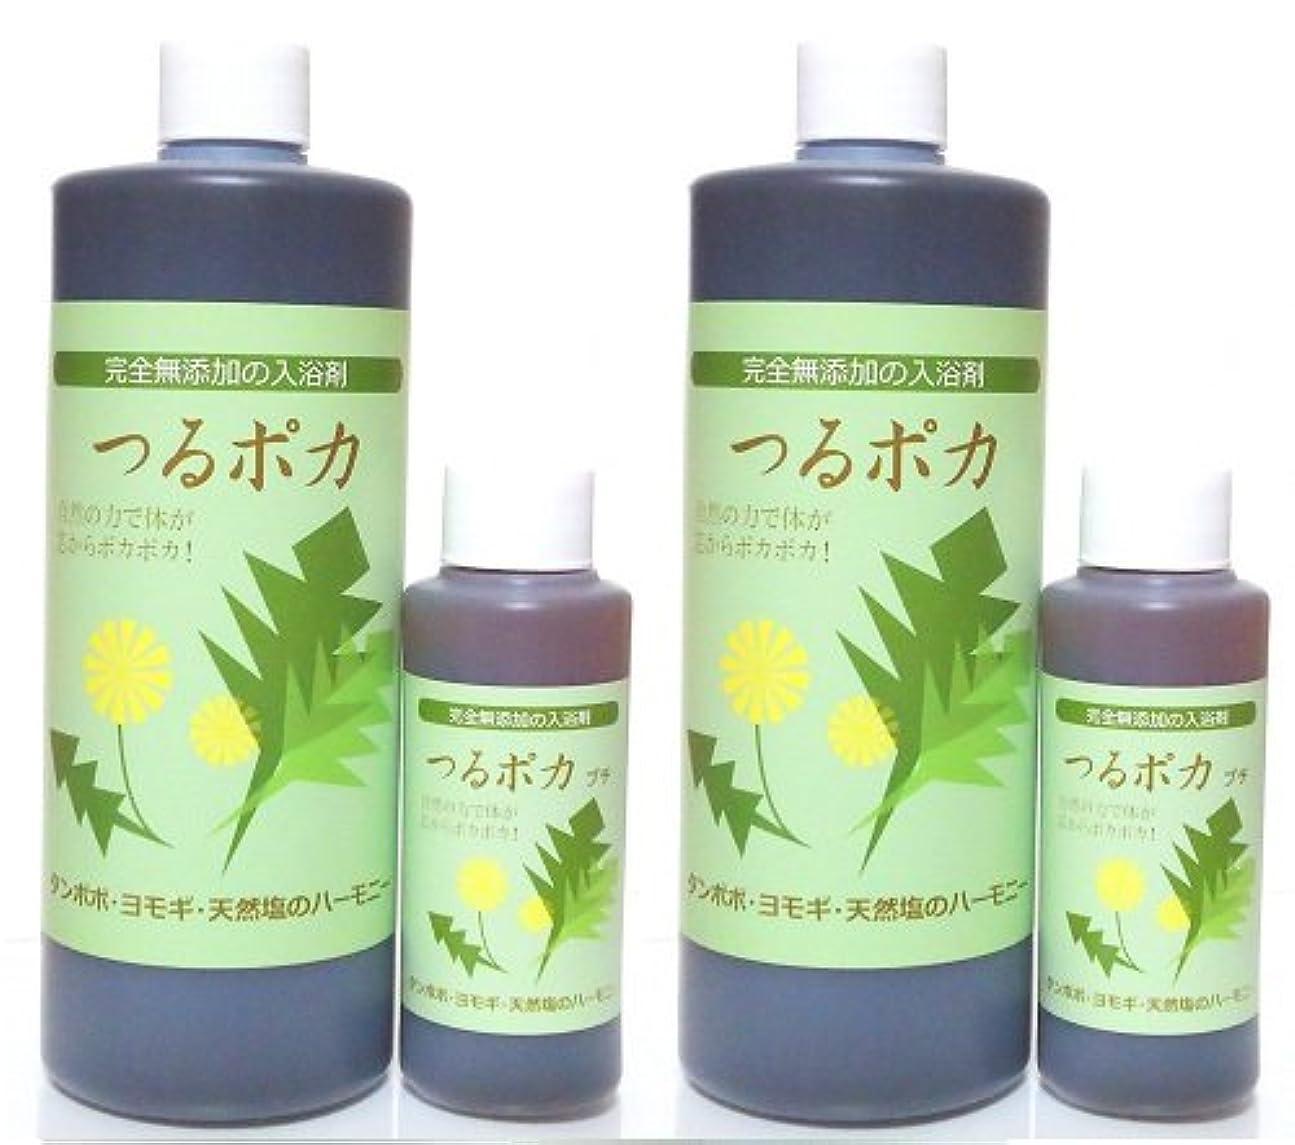 木材ハンディ消毒剤つるポカ入浴剤アーデンモアばんのう酵母くん姉妹品2本セットおまけ付き